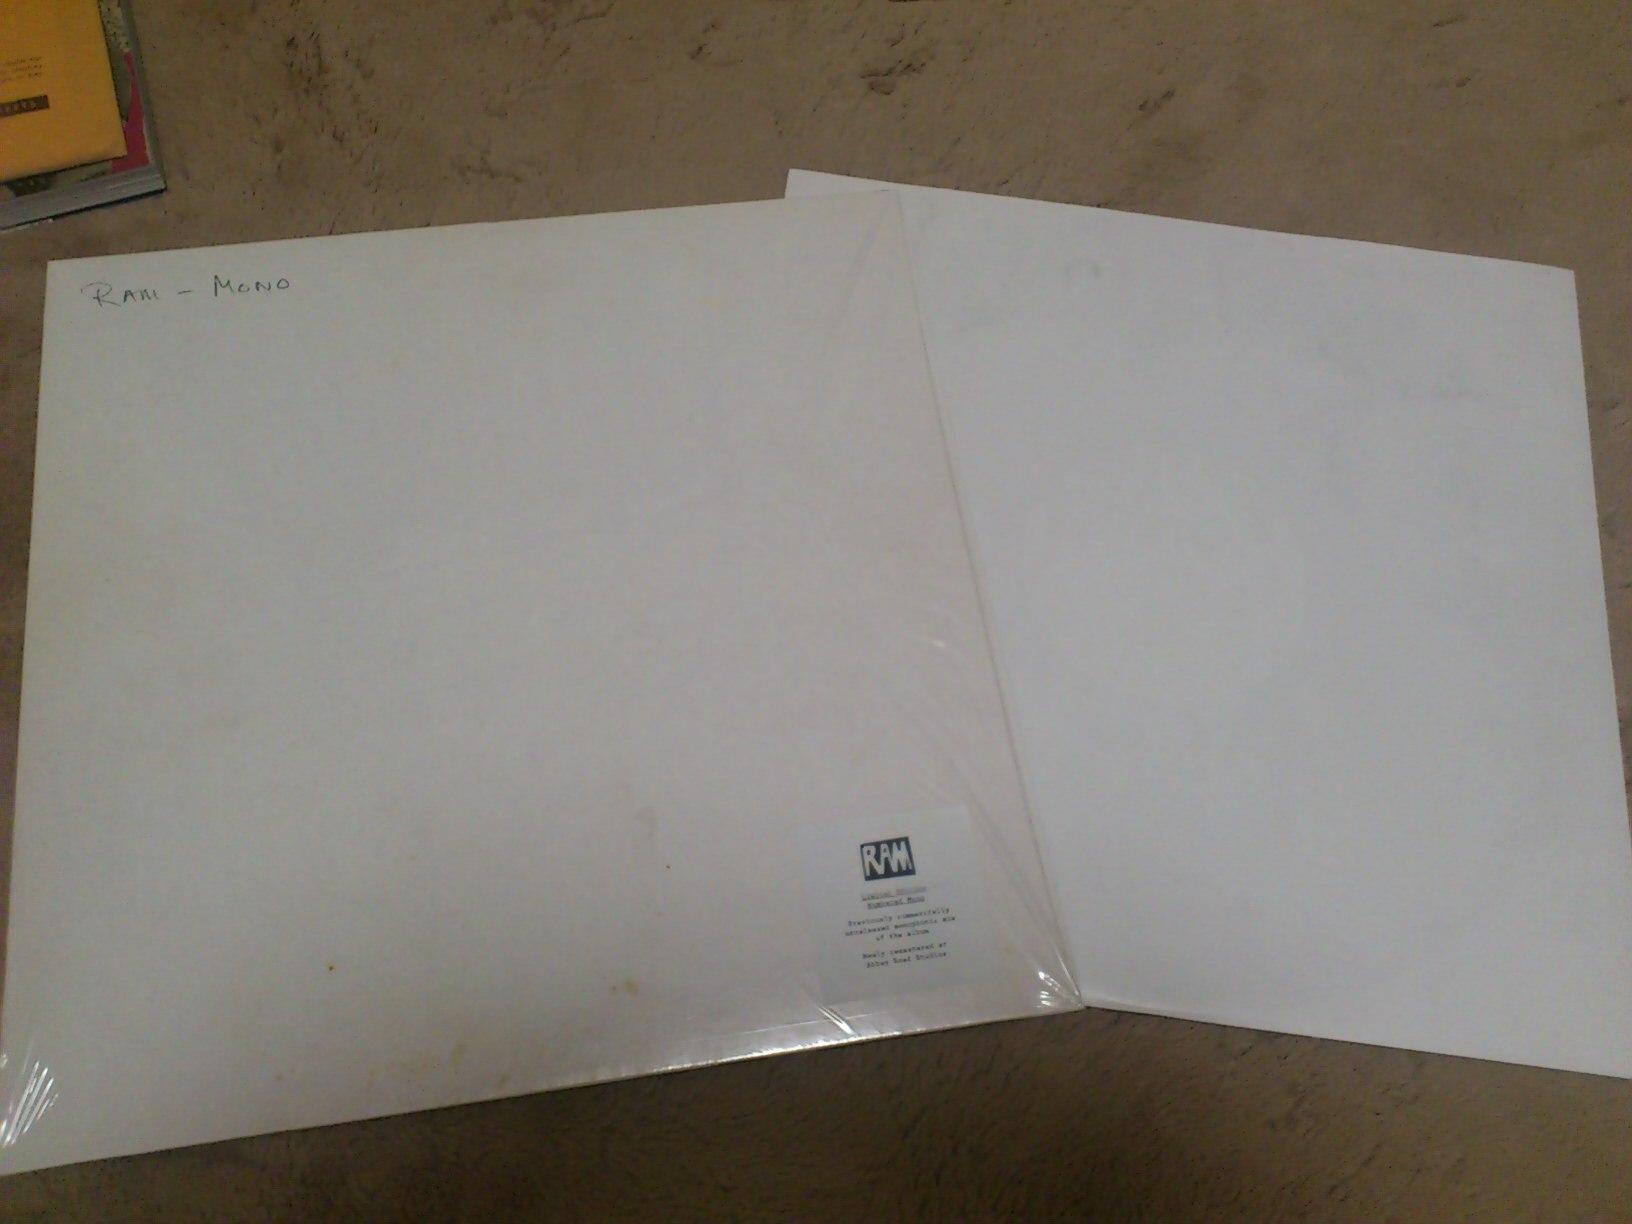 「ざまーみろ」 ポール・マッカートニー「RAM」再発売にあたって_a0189732_1840466.jpg